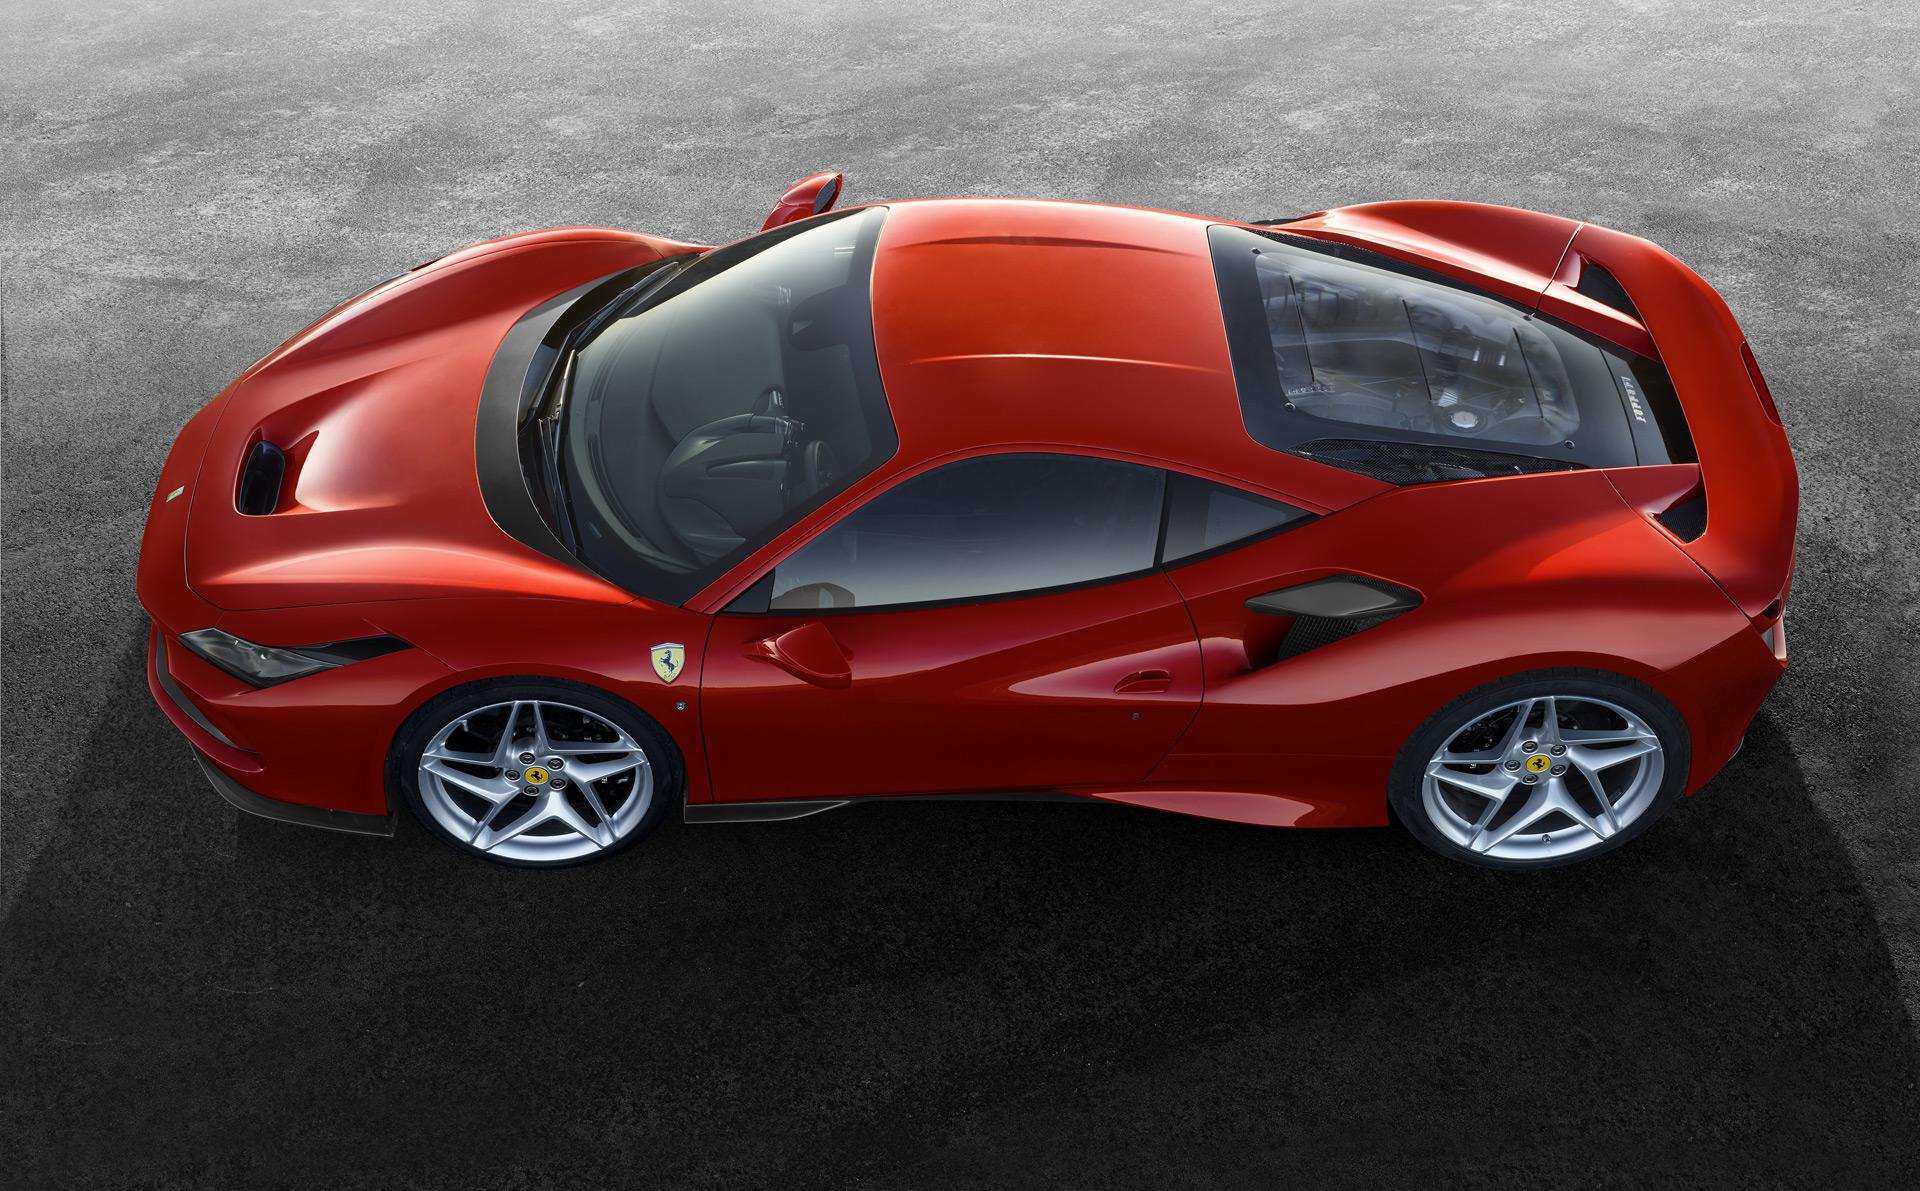 2020 Ferrari F8 Tributo 2019 Mclaren 720s Spider 2019 Bmw Z4 This Week S Top Photos